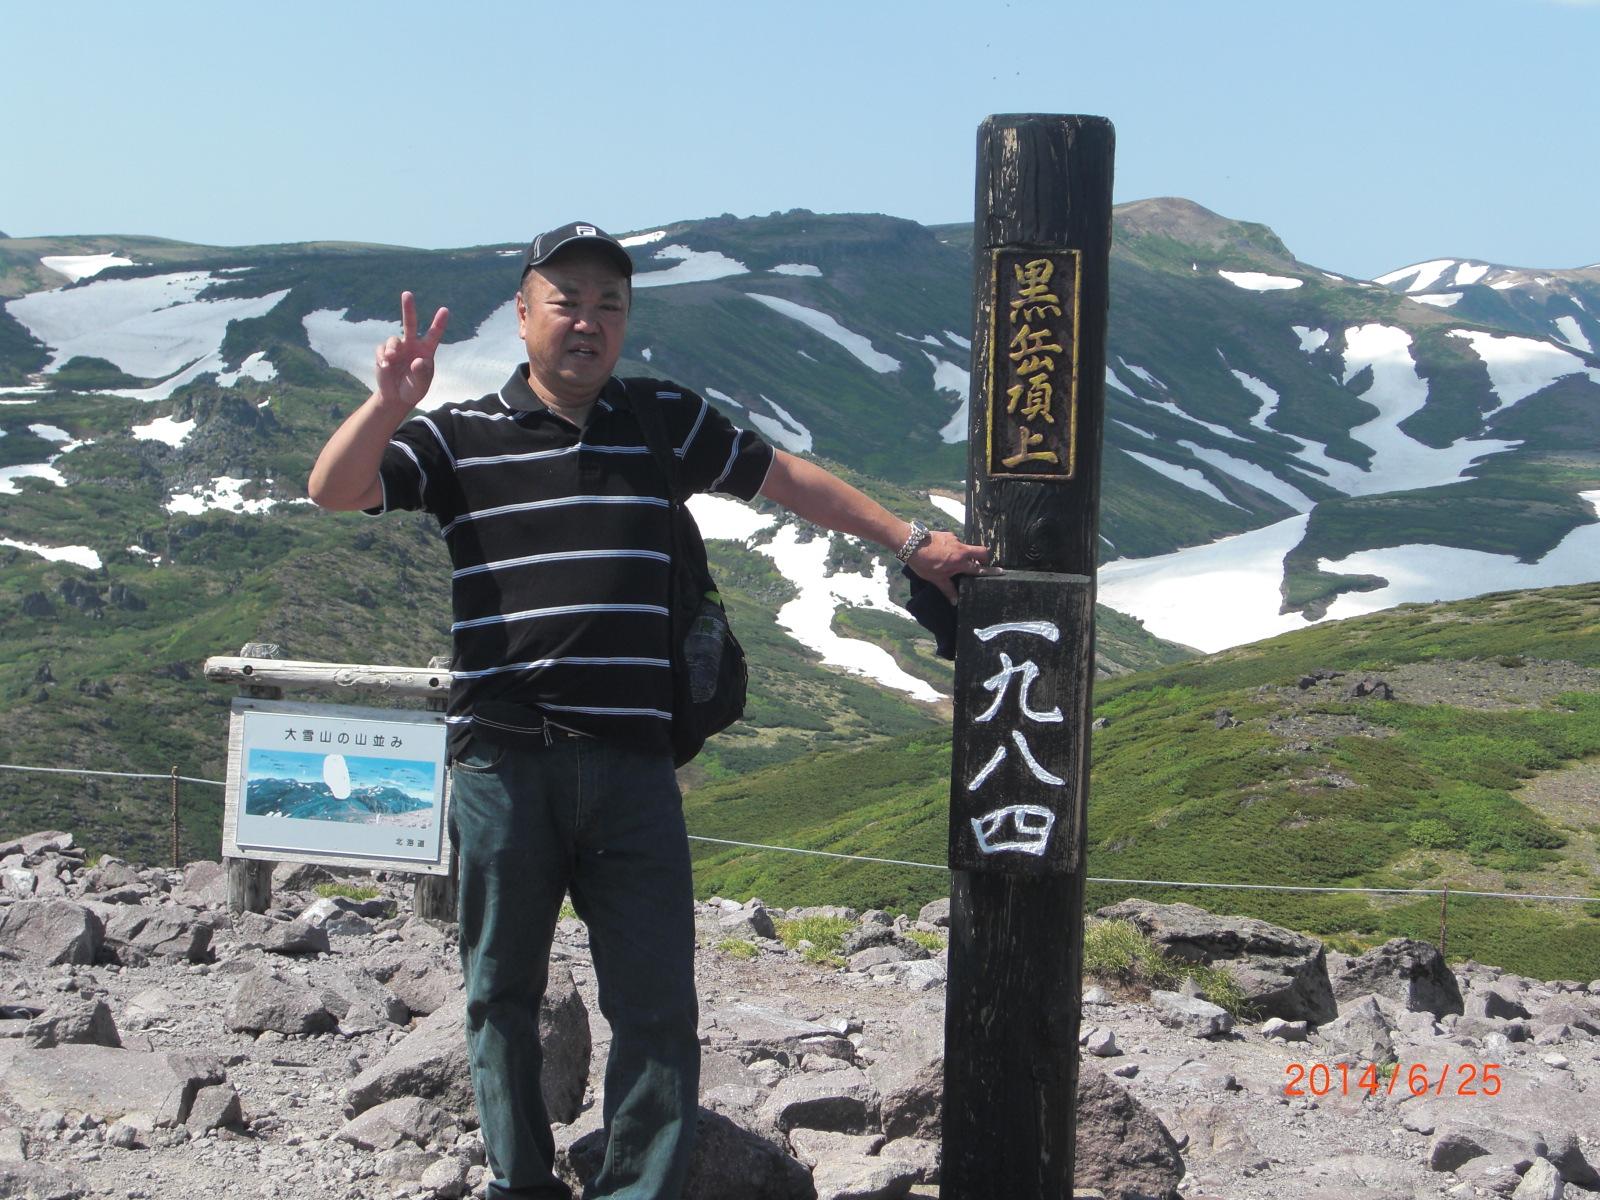 【層雲峡温泉送迎観光タクシー】大雪山黒岳登山しました。